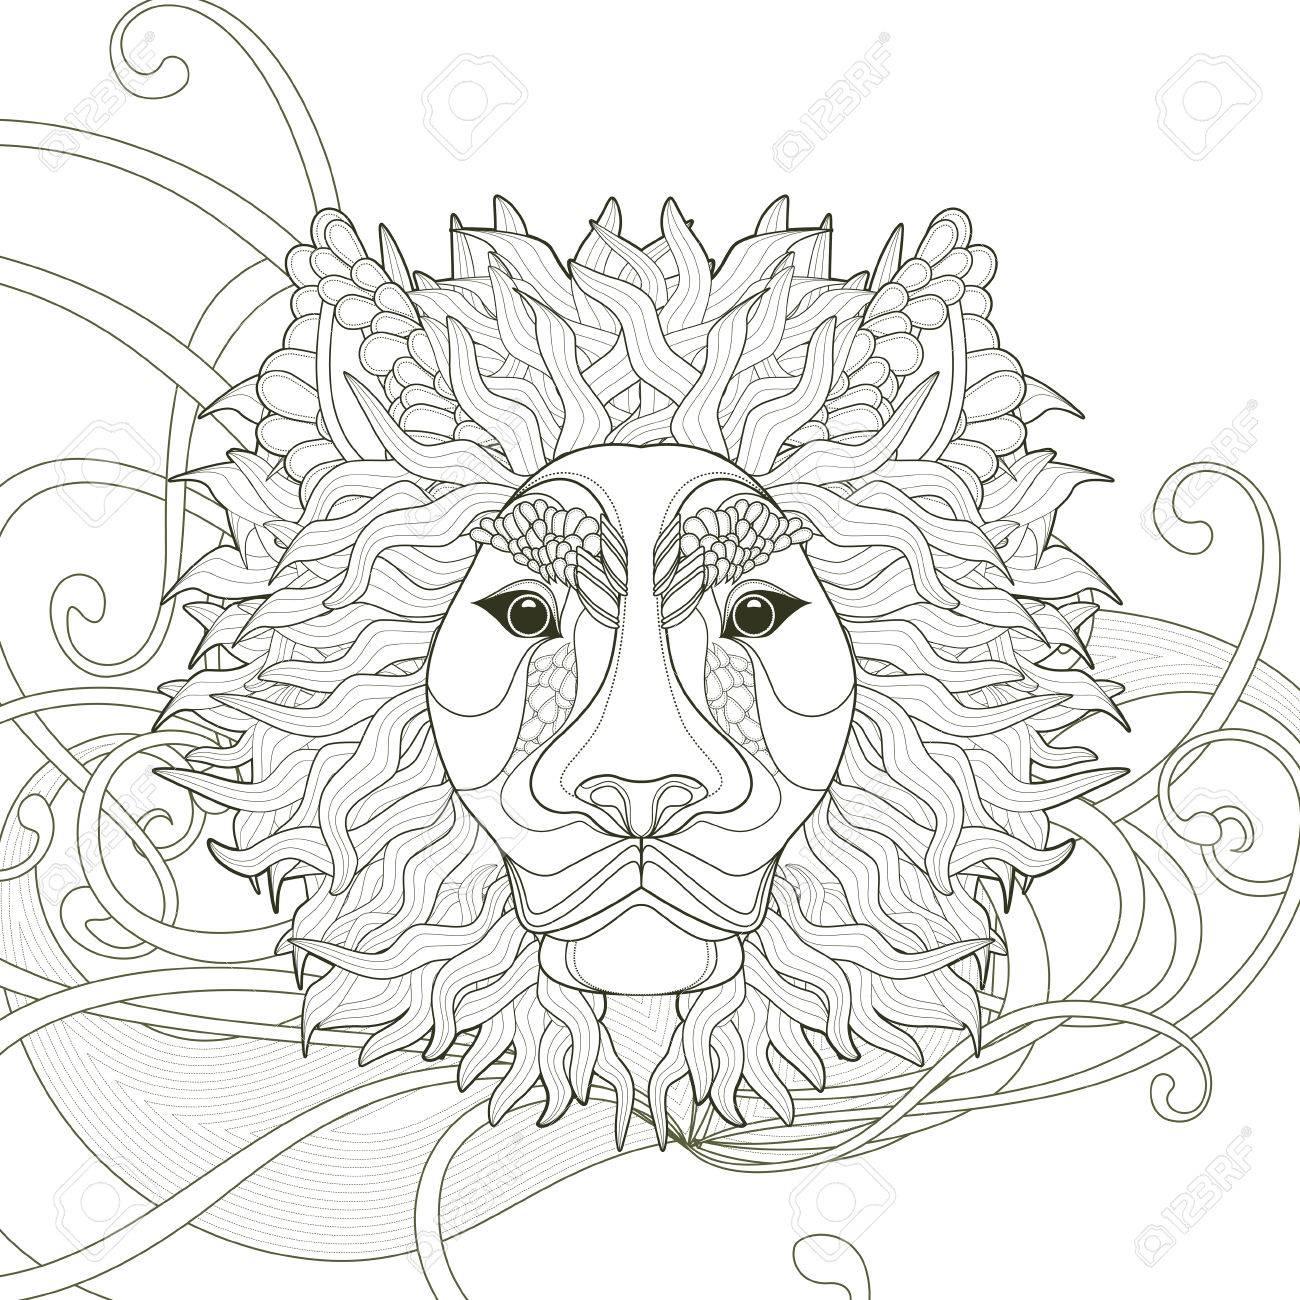 Diseño De Páginas Para Colorear León Majestuoso En Un Estilo ...